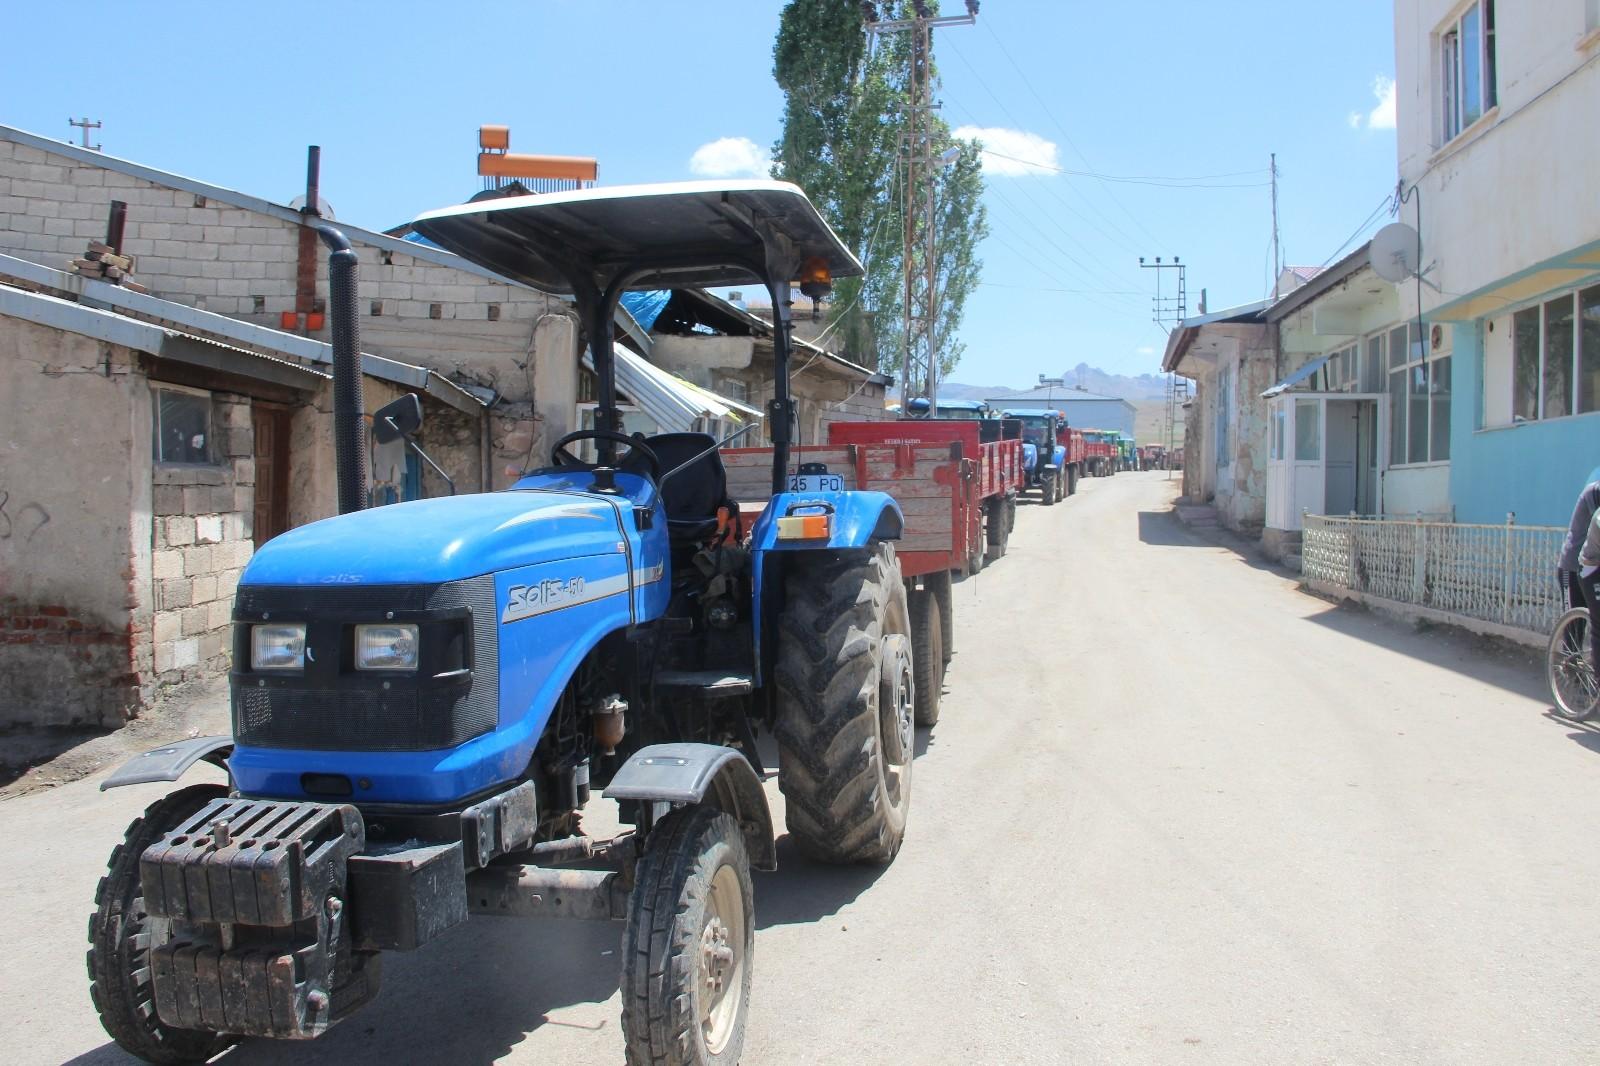 Traktör sürücülerine 'Reflektör Tak, Görünür Ol' sloganıyla reflektör dağıtımı yapıldı